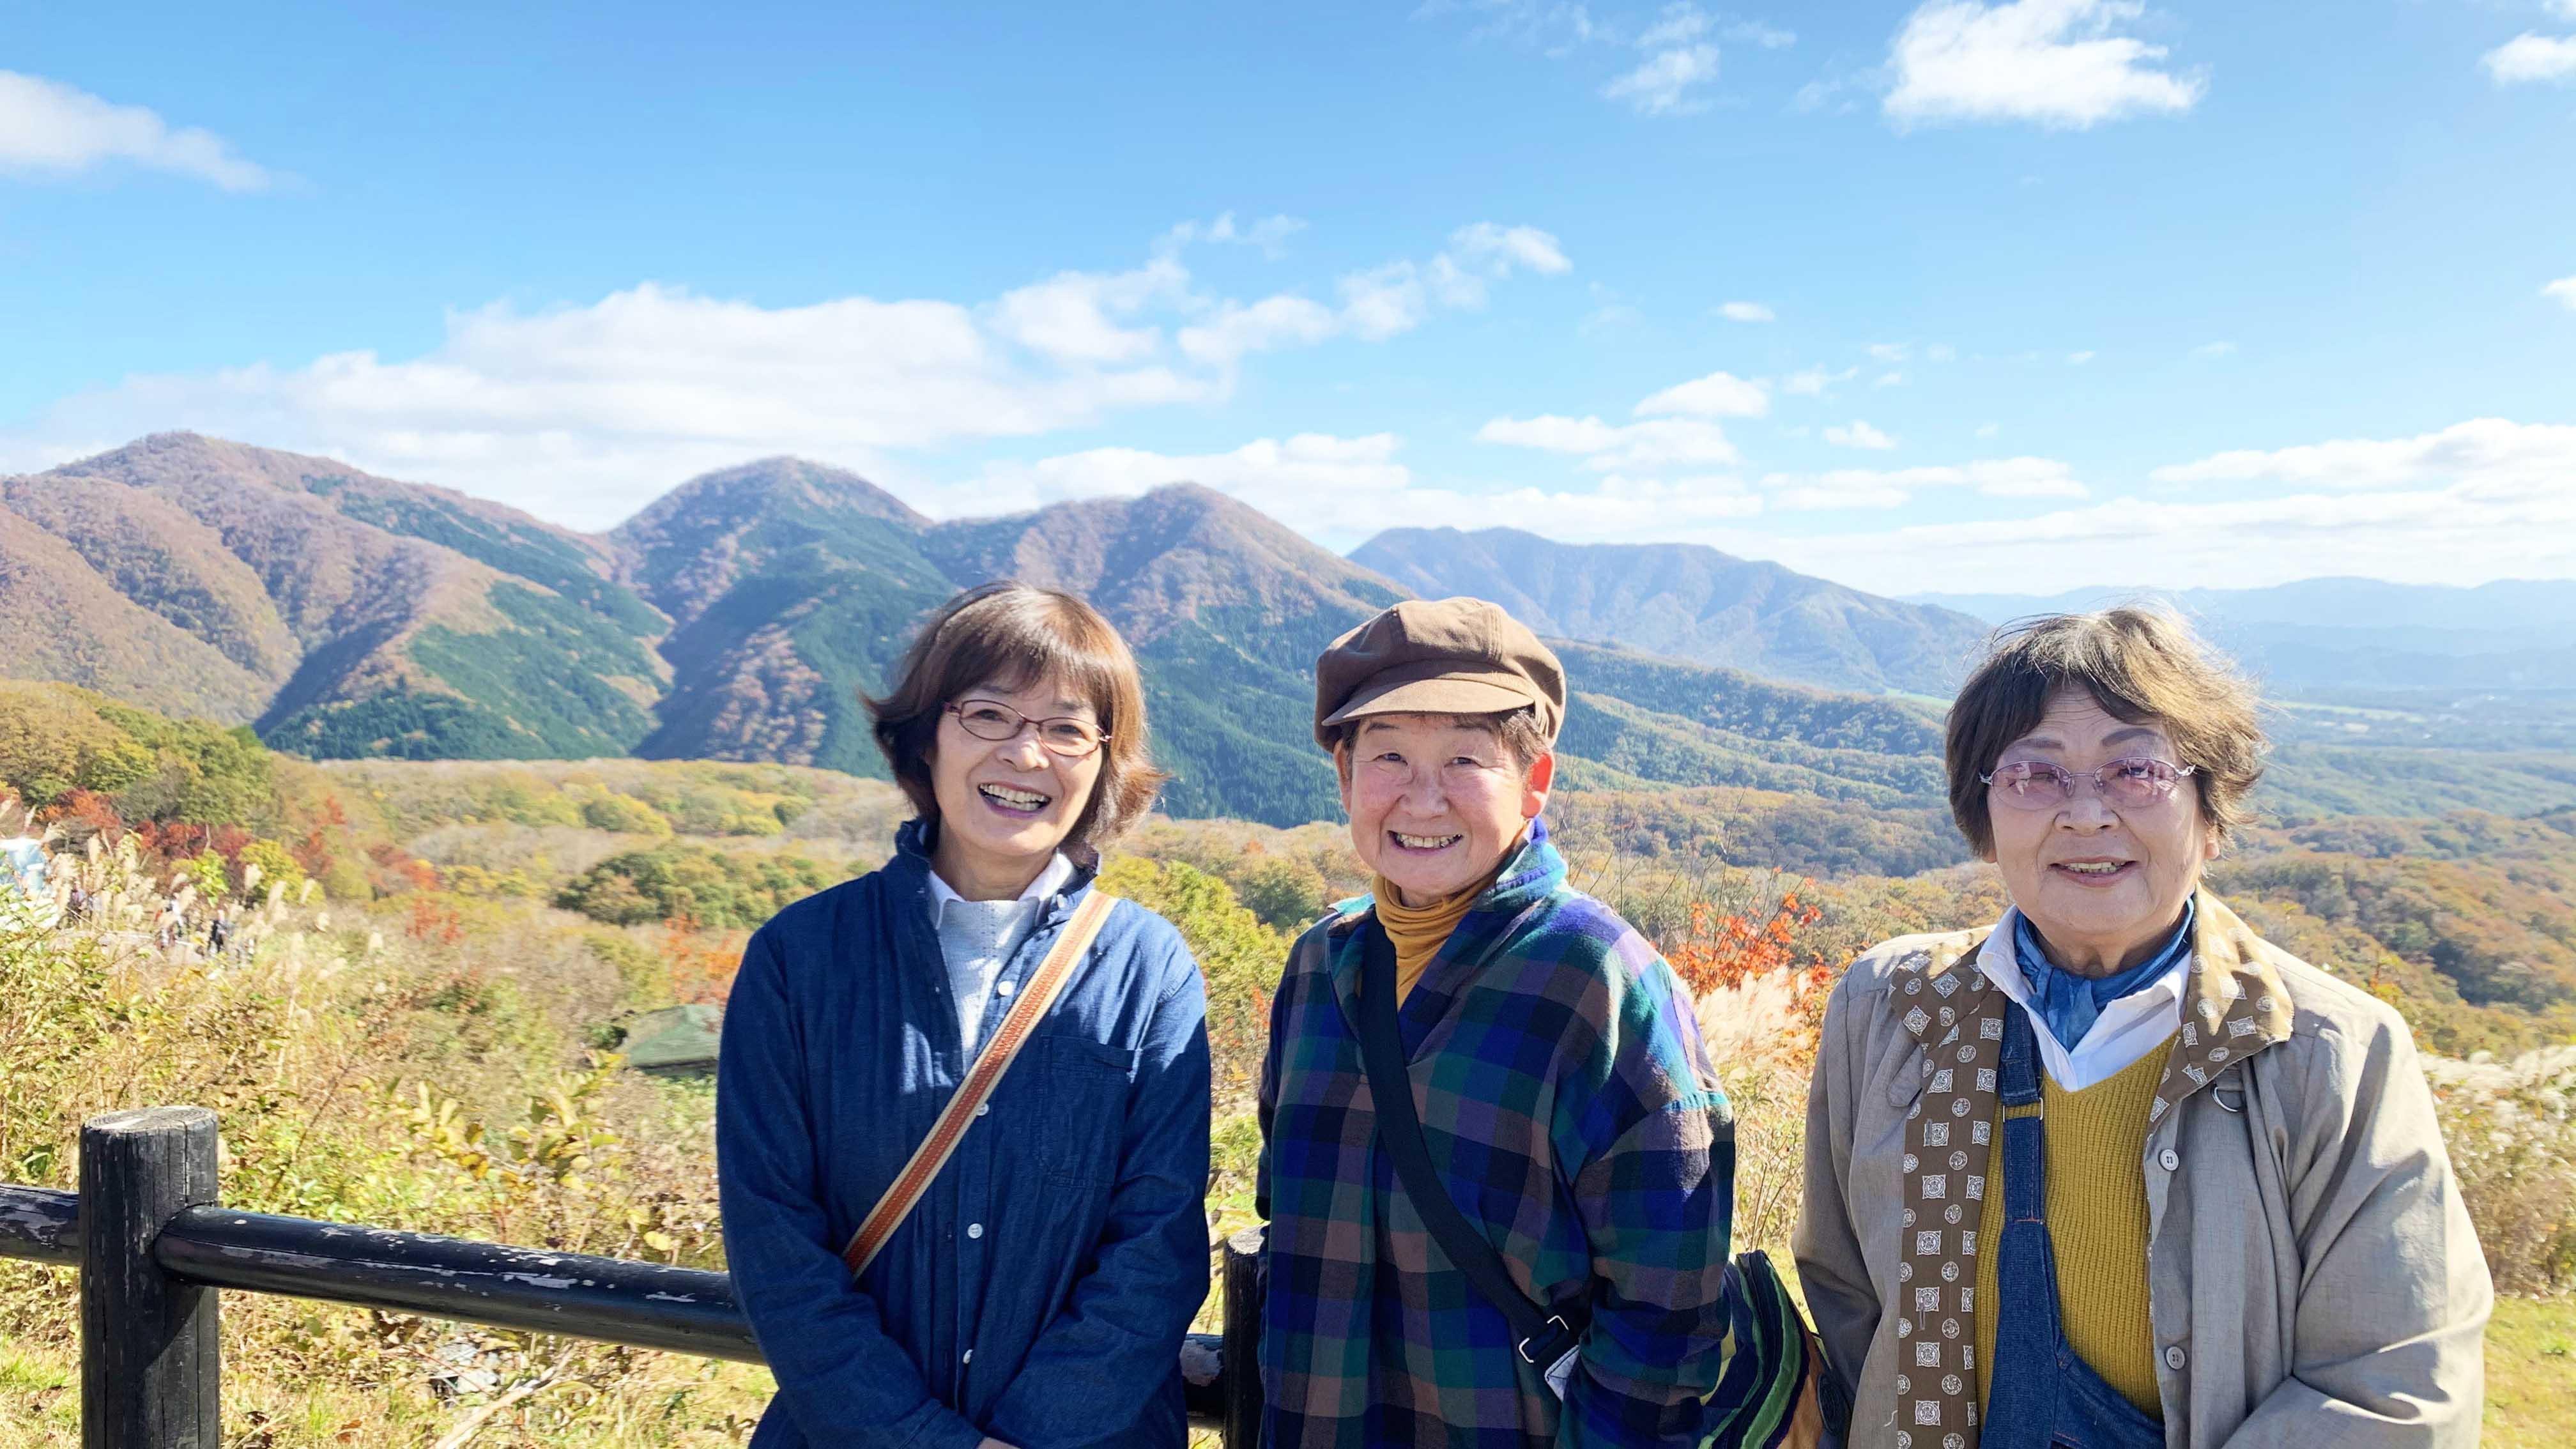 岡山鳥取 蒜山高原・はわい温泉ツアー催行!